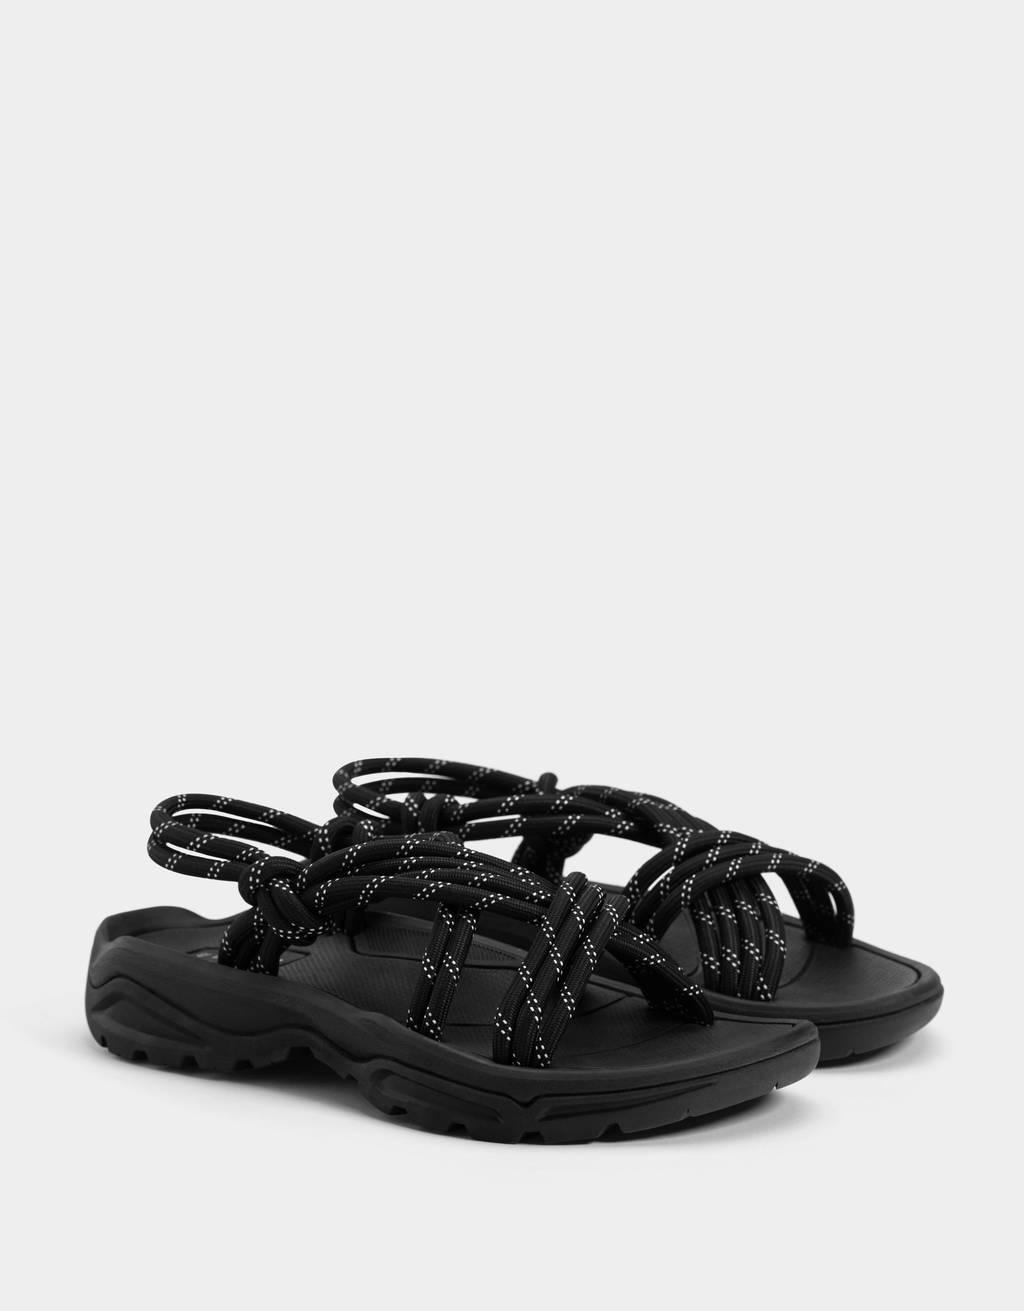 Sandales techniques corde homme